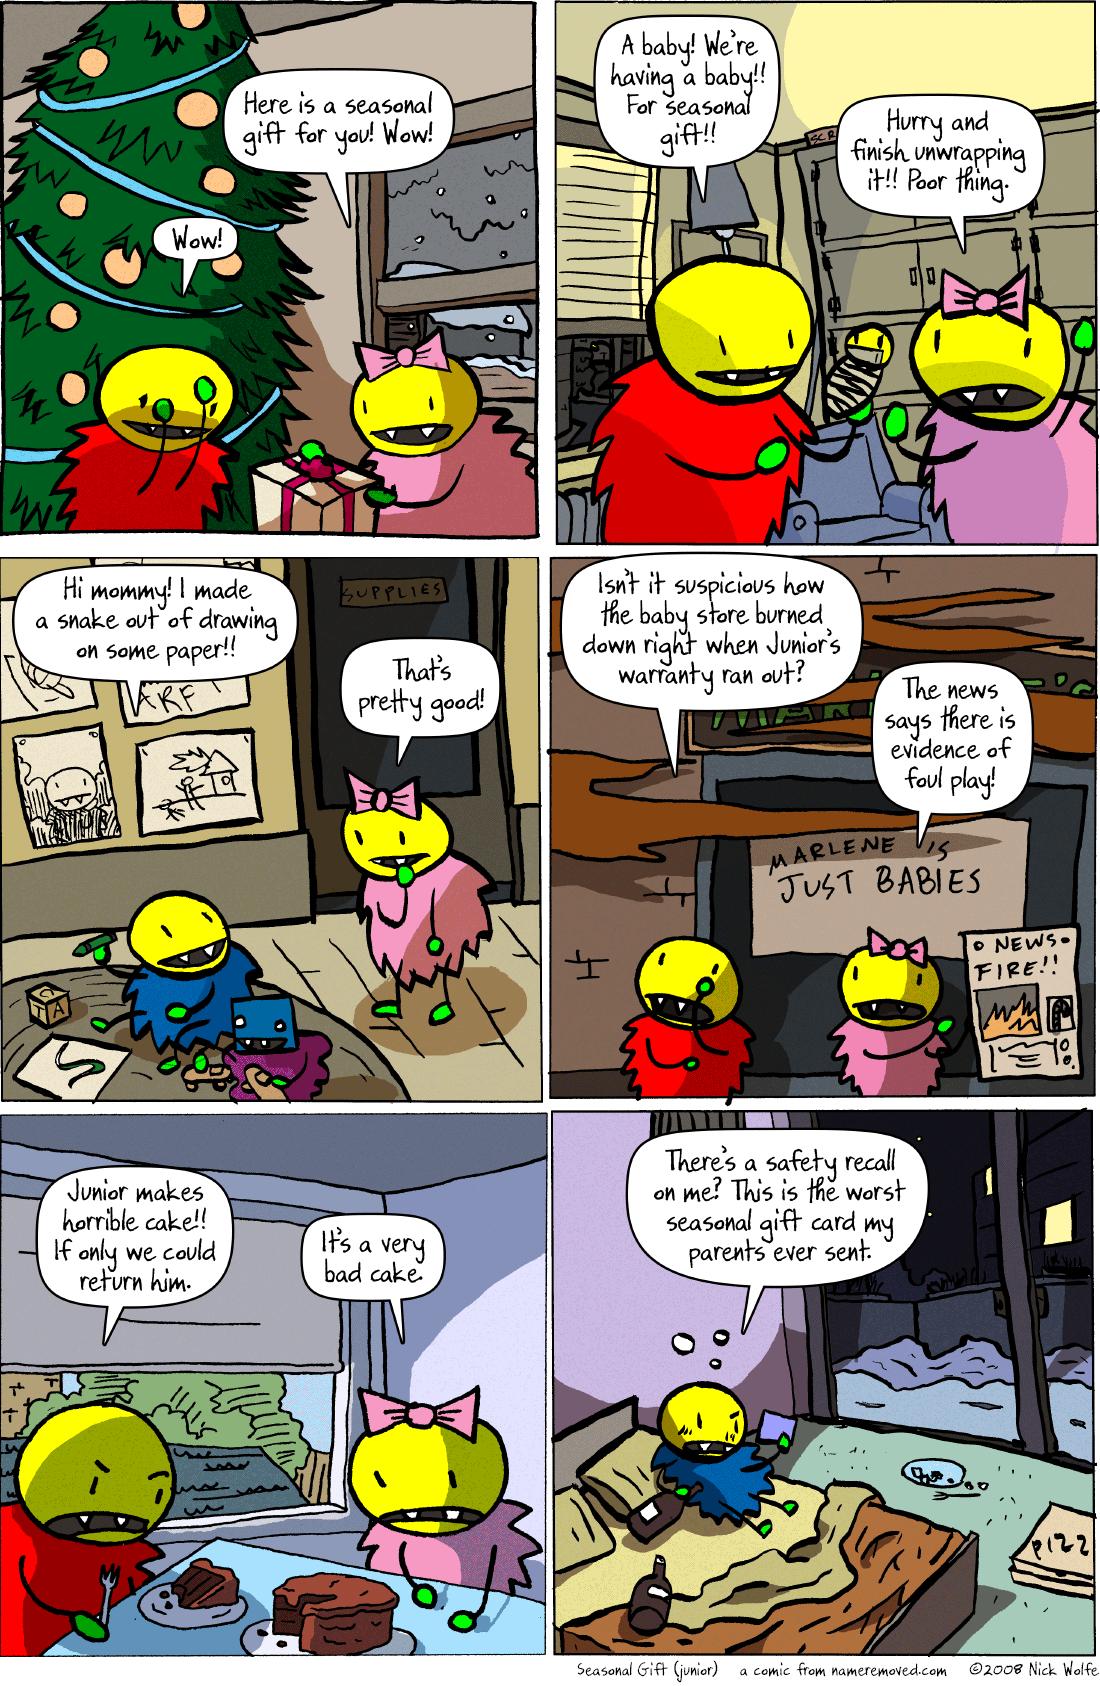 Seasonal Gift (junior)